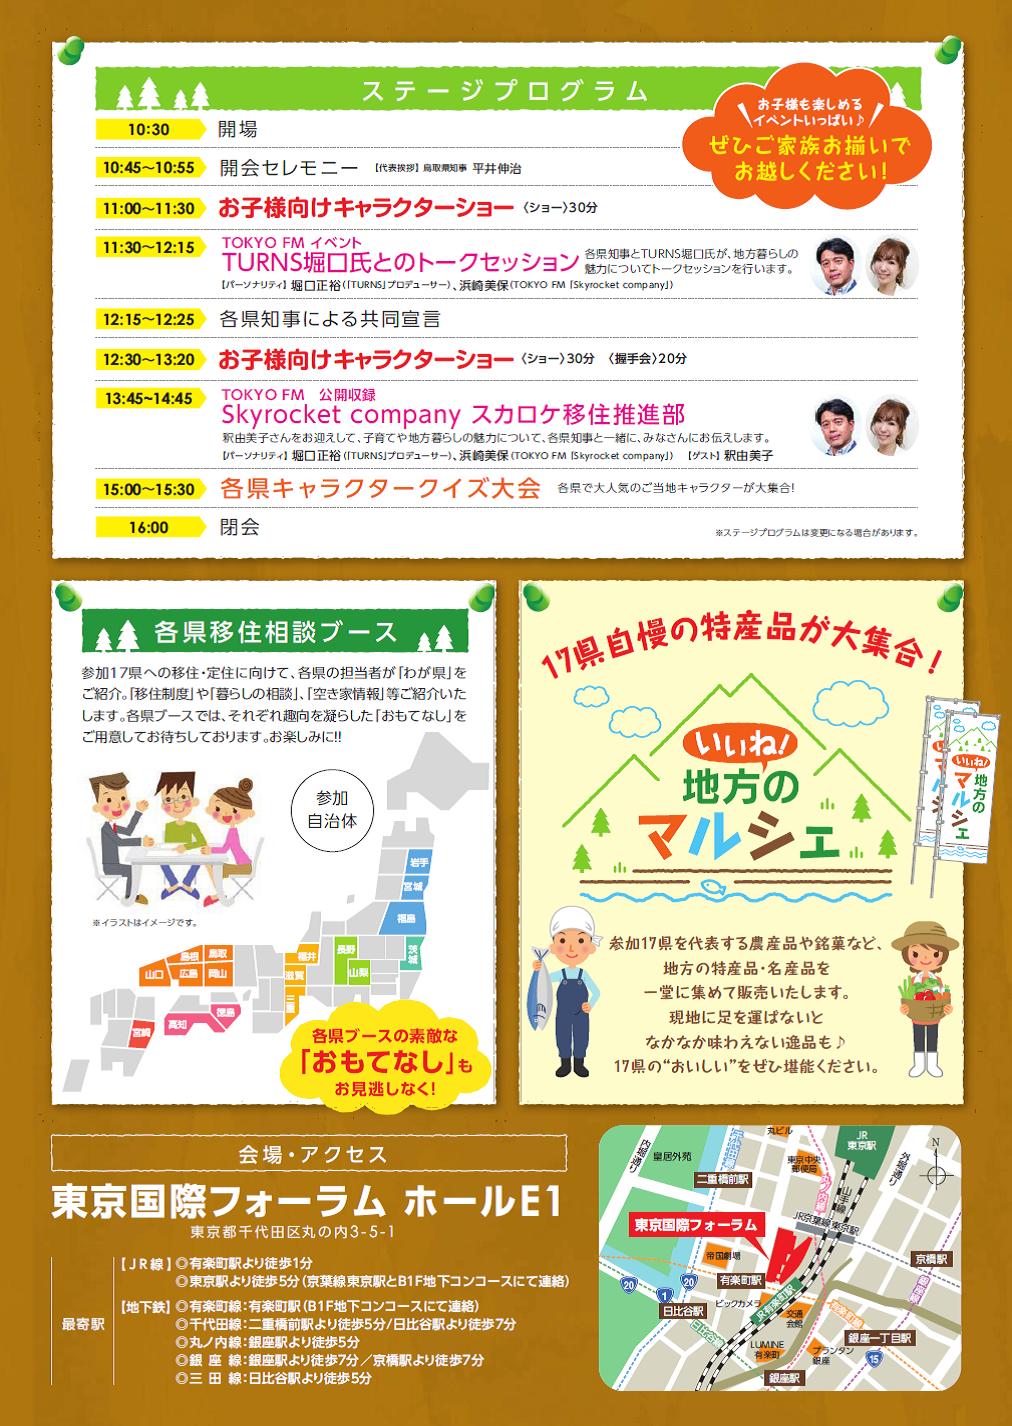 (終了しました)【東京/2月9日(金)】第5回いいね!地方の暮らしフェアに三重県が参加します。_写真2